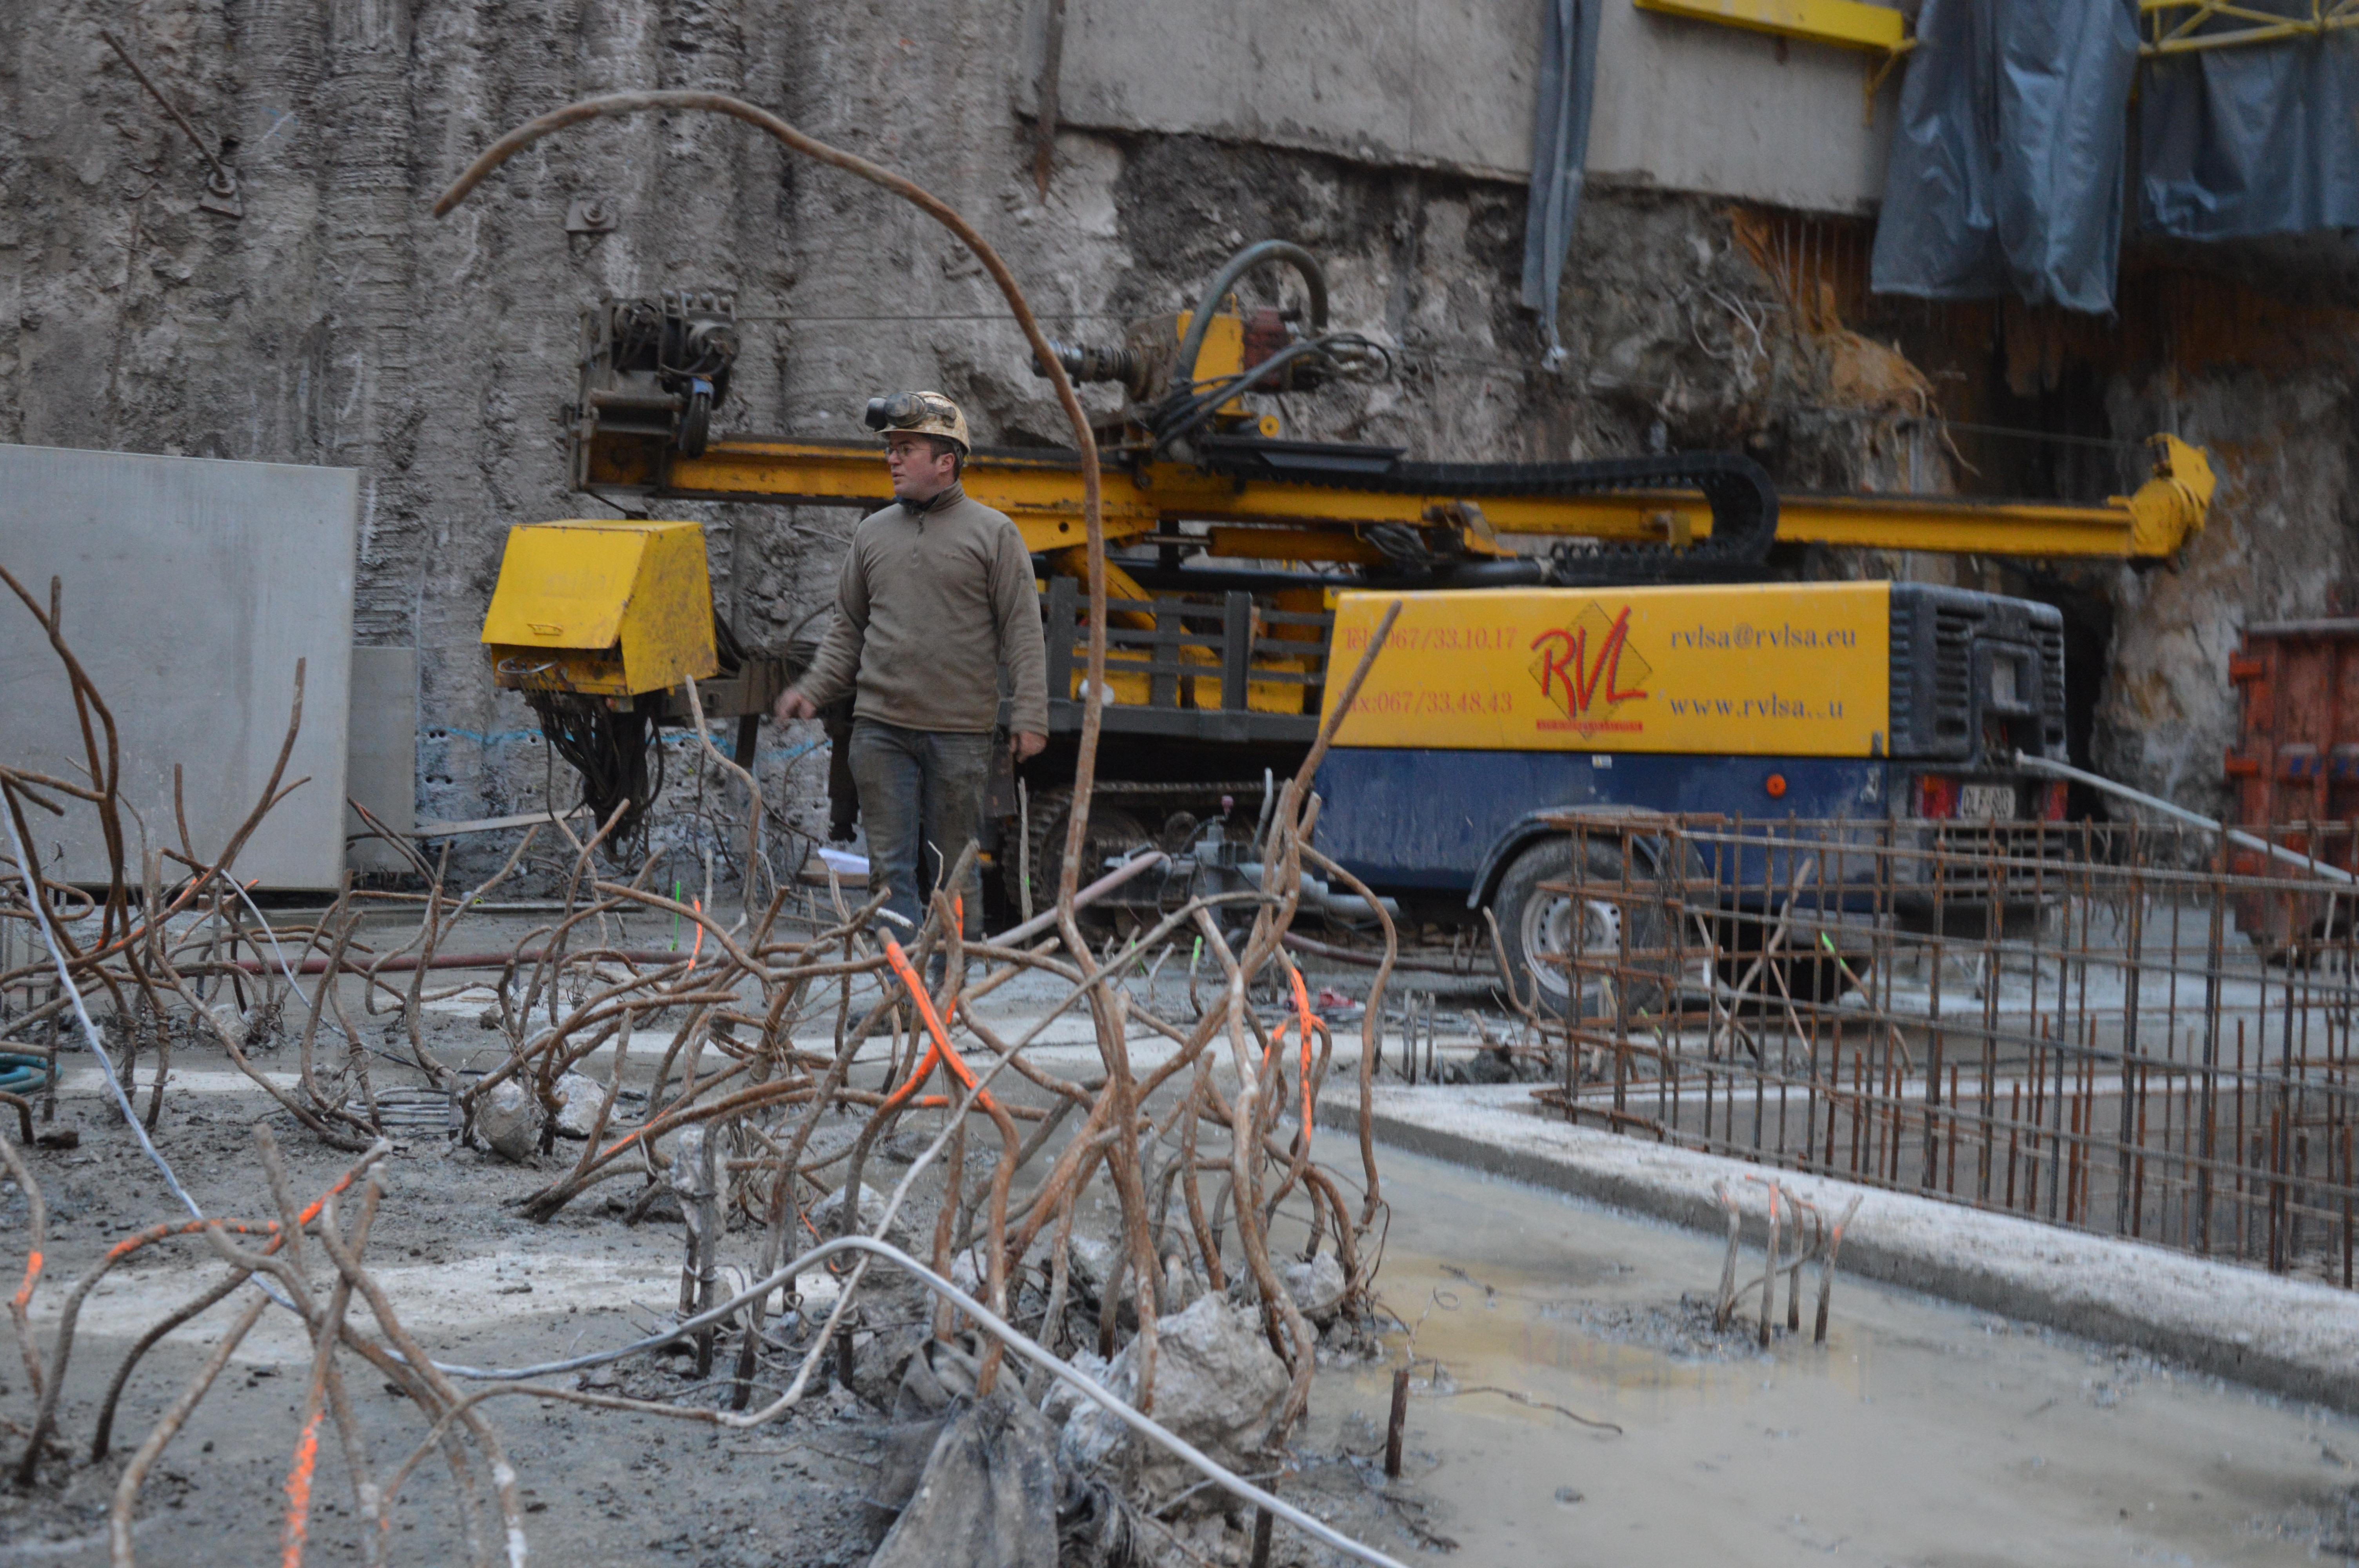 chantier-bruxelles-centre-forage-installation-pompe-puits-geothermie-eurodrill-liege-belgique-29